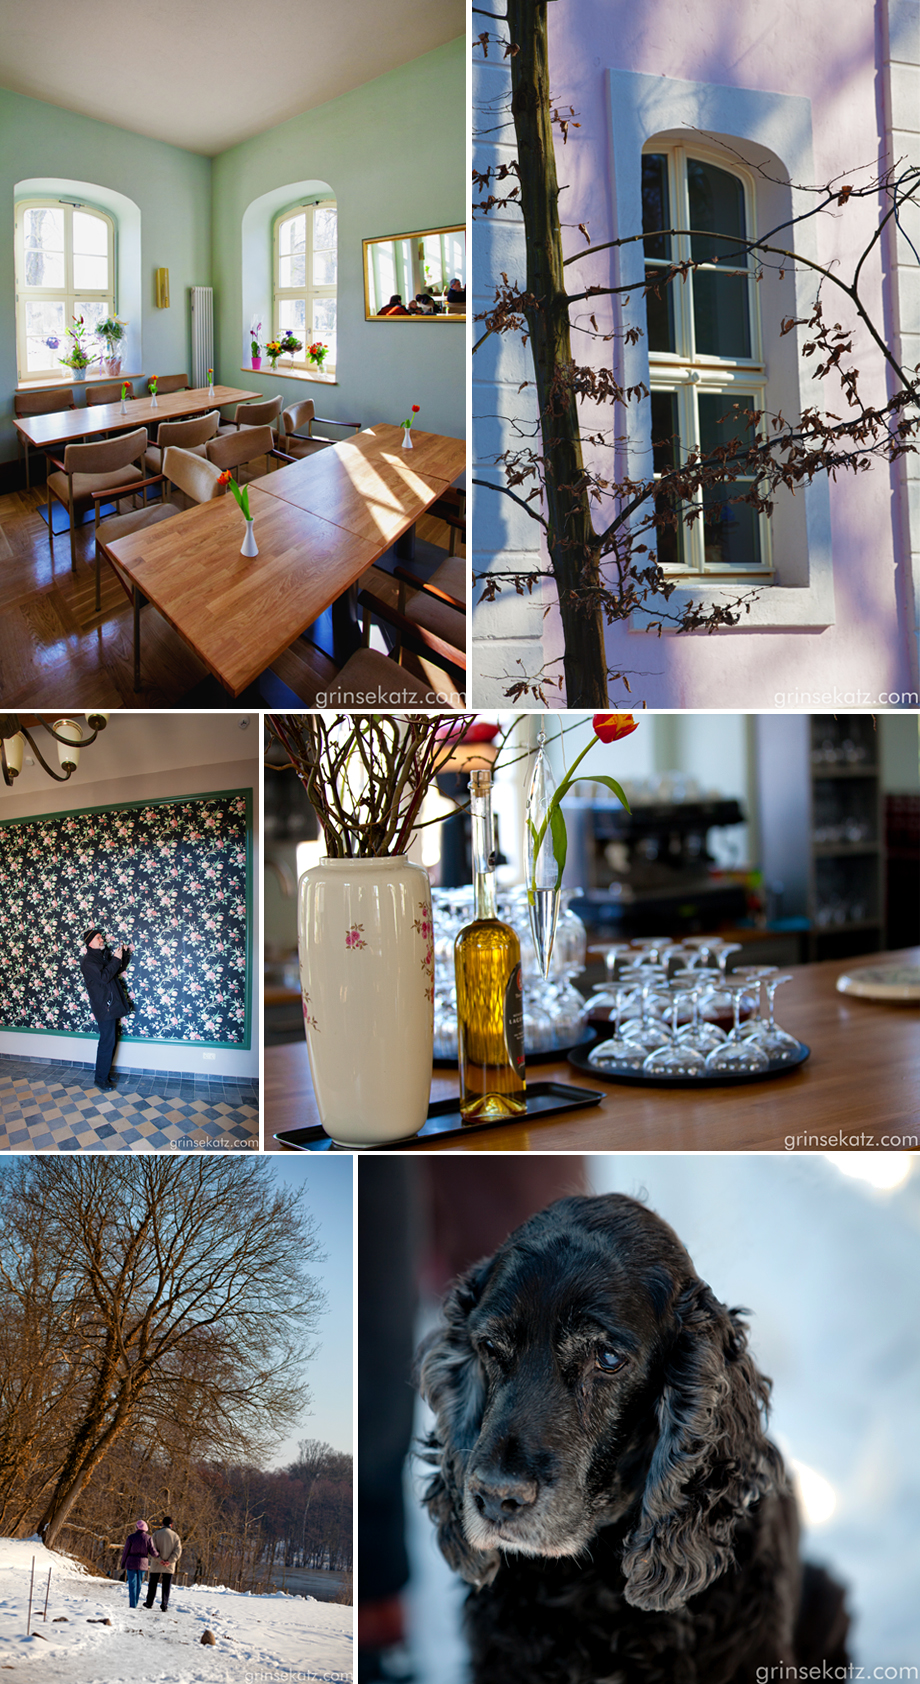 gut suckow uckermark restaurant park grinsekatz